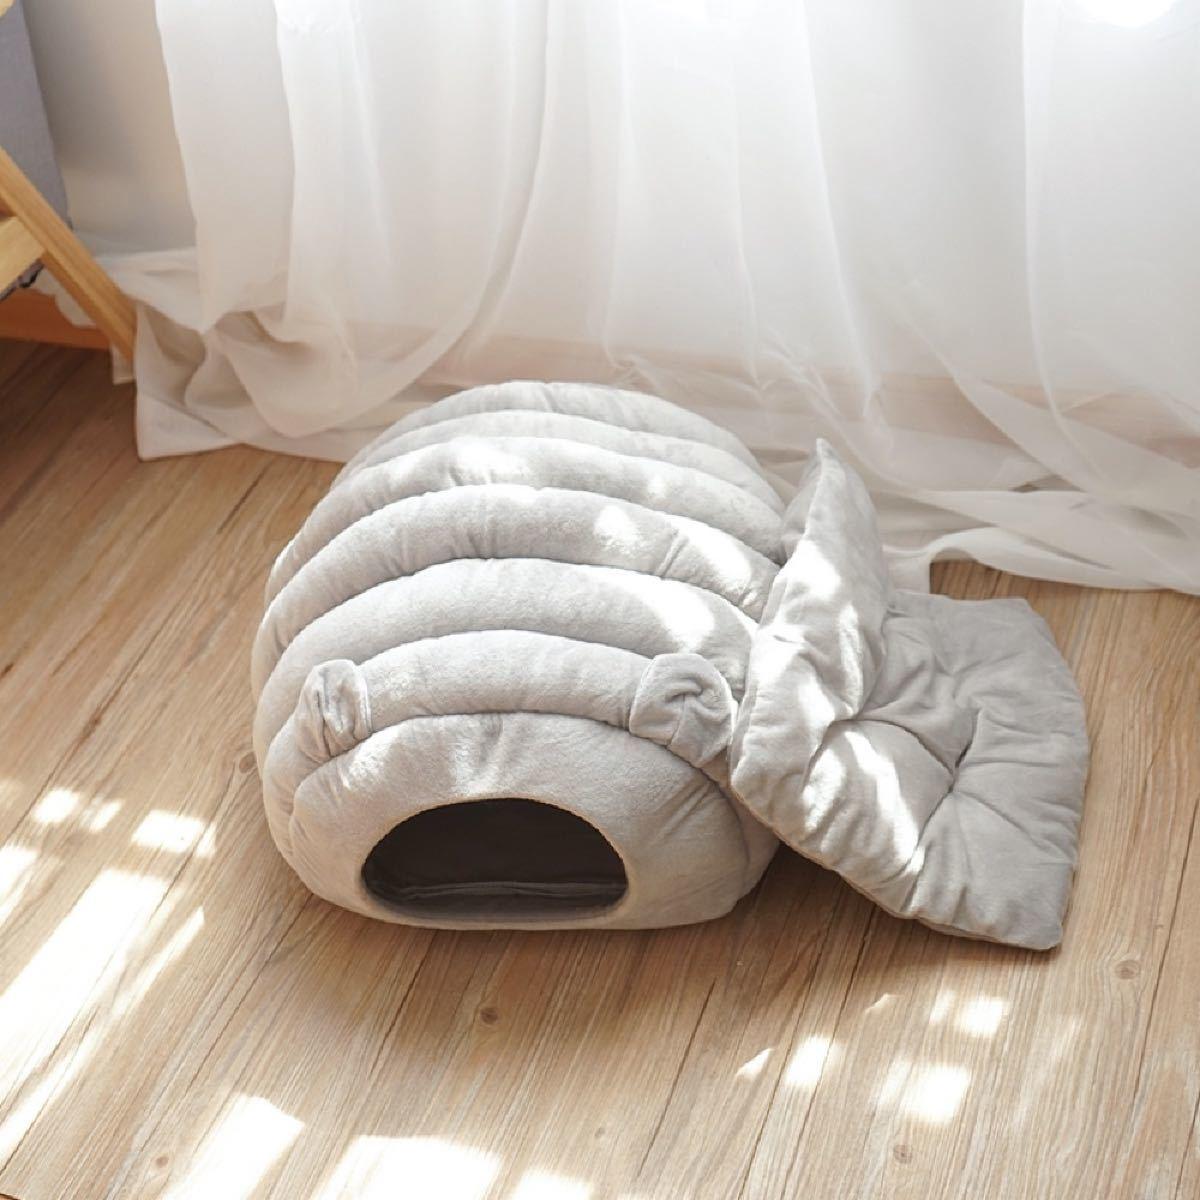 ペットハウス 猫用ベッド 猫 ドーム型 ベッド 犬小屋クッション付き水洗え